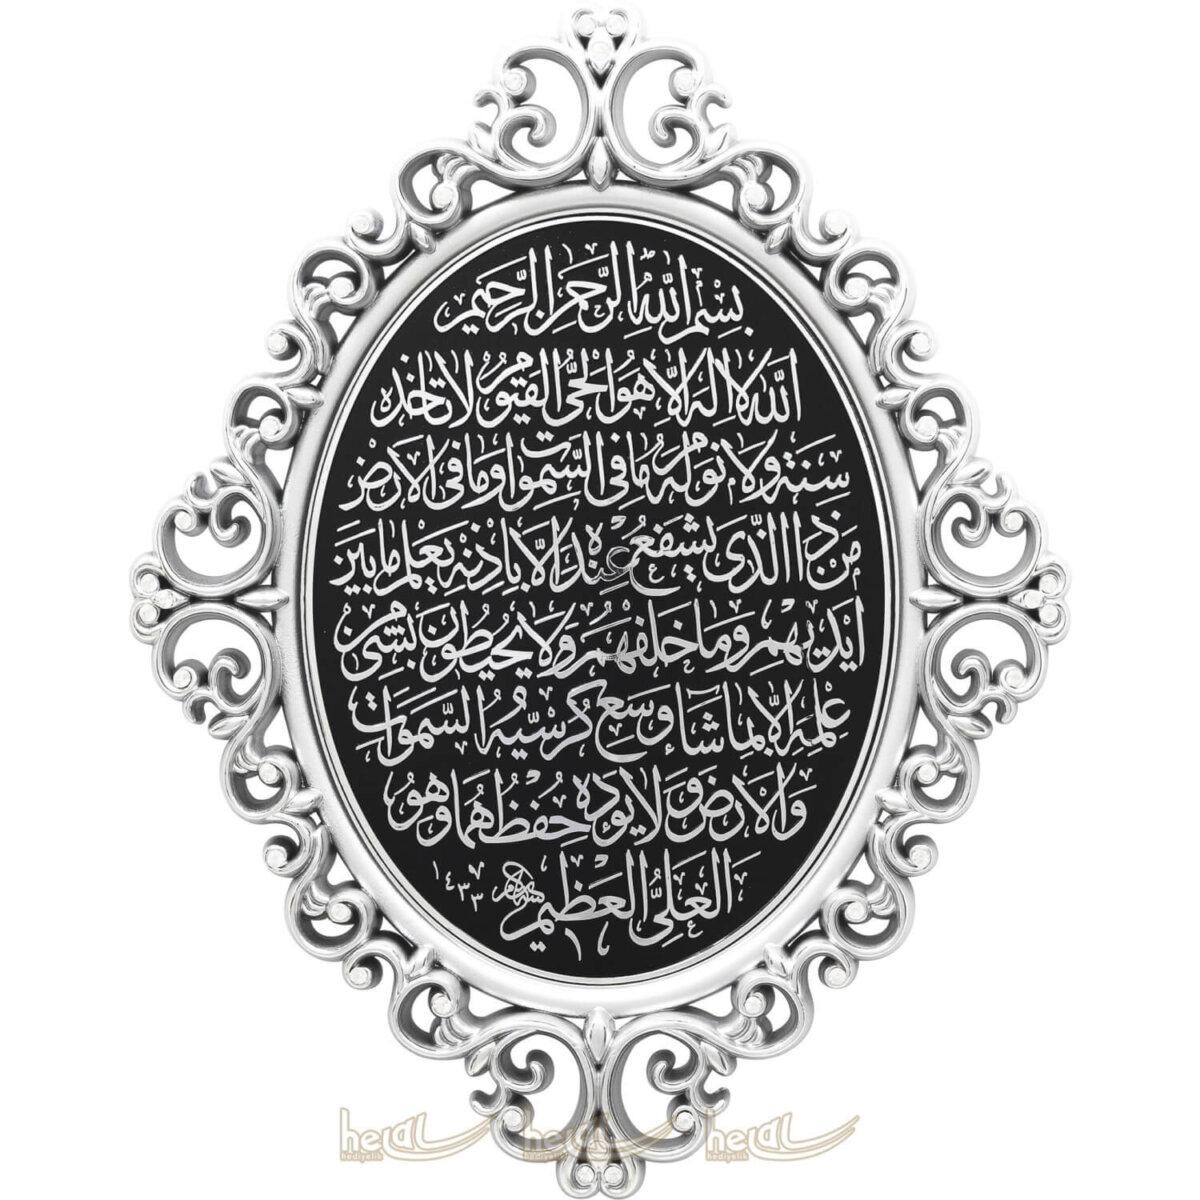 24x31cm Ayetel Kürsi Osmanlı Motifli Modern Lüks Duvar Panosu Ayetli Ürünler